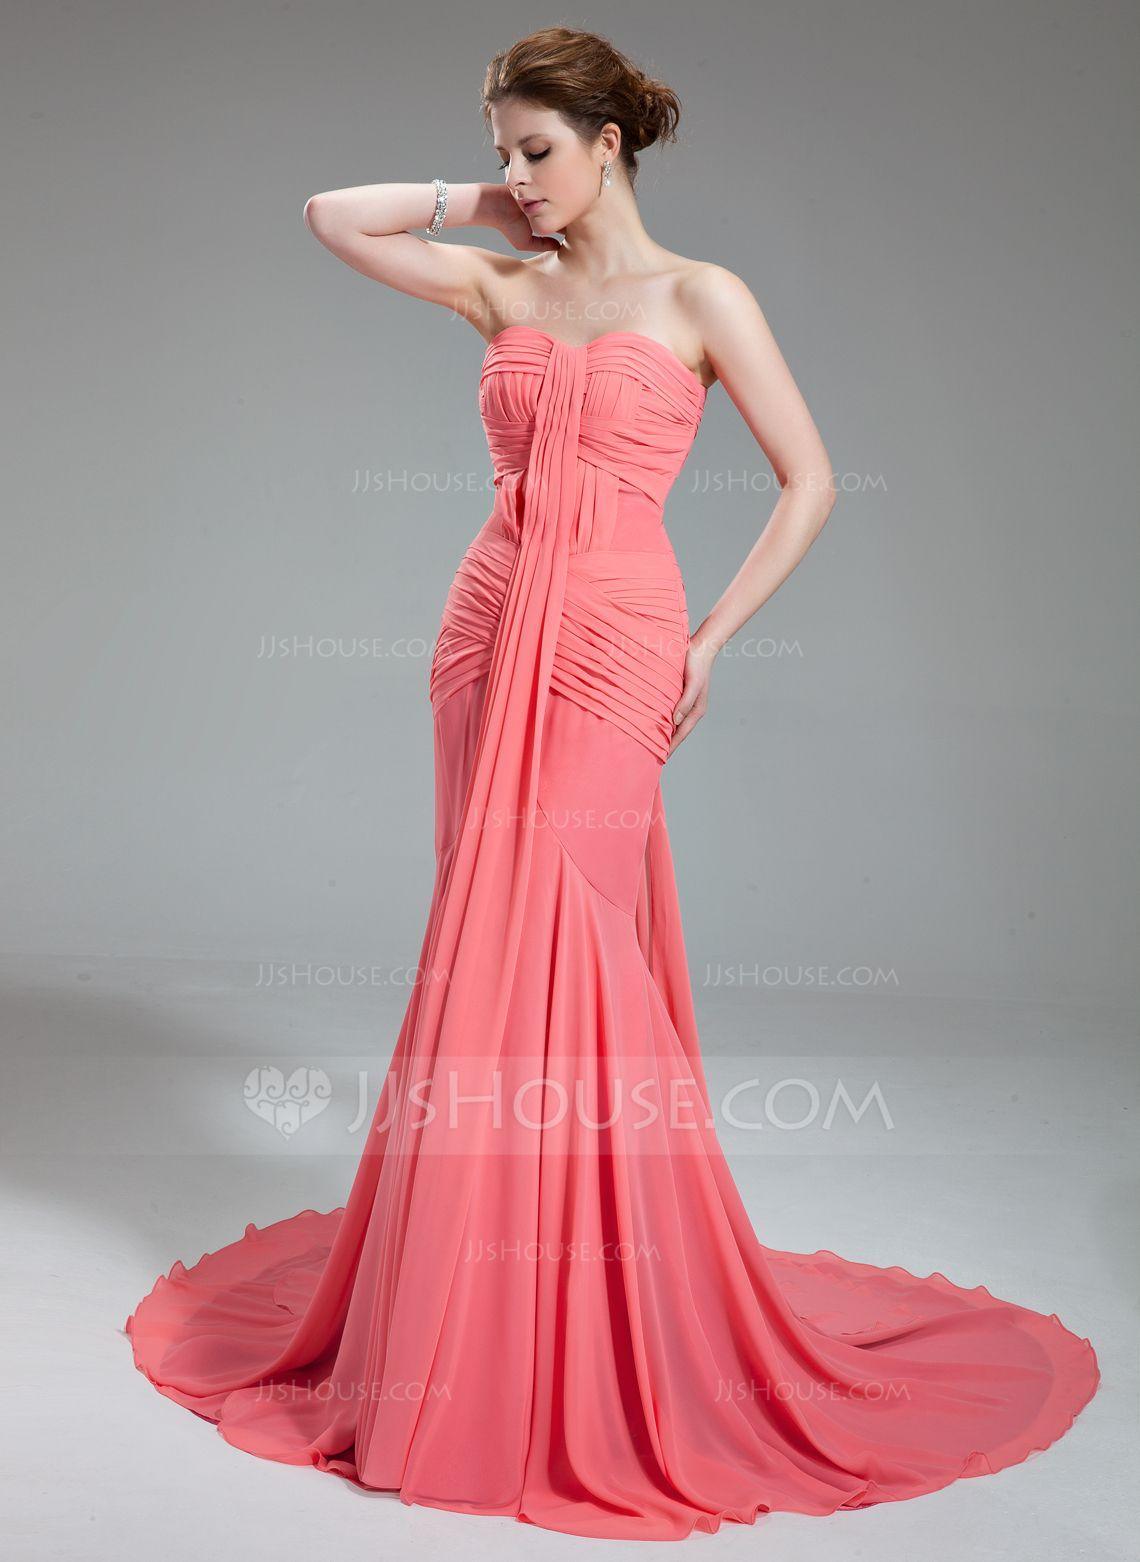 Asombroso Prom Vestidos Tacoma Wa Colección - Colección del Vestido ...